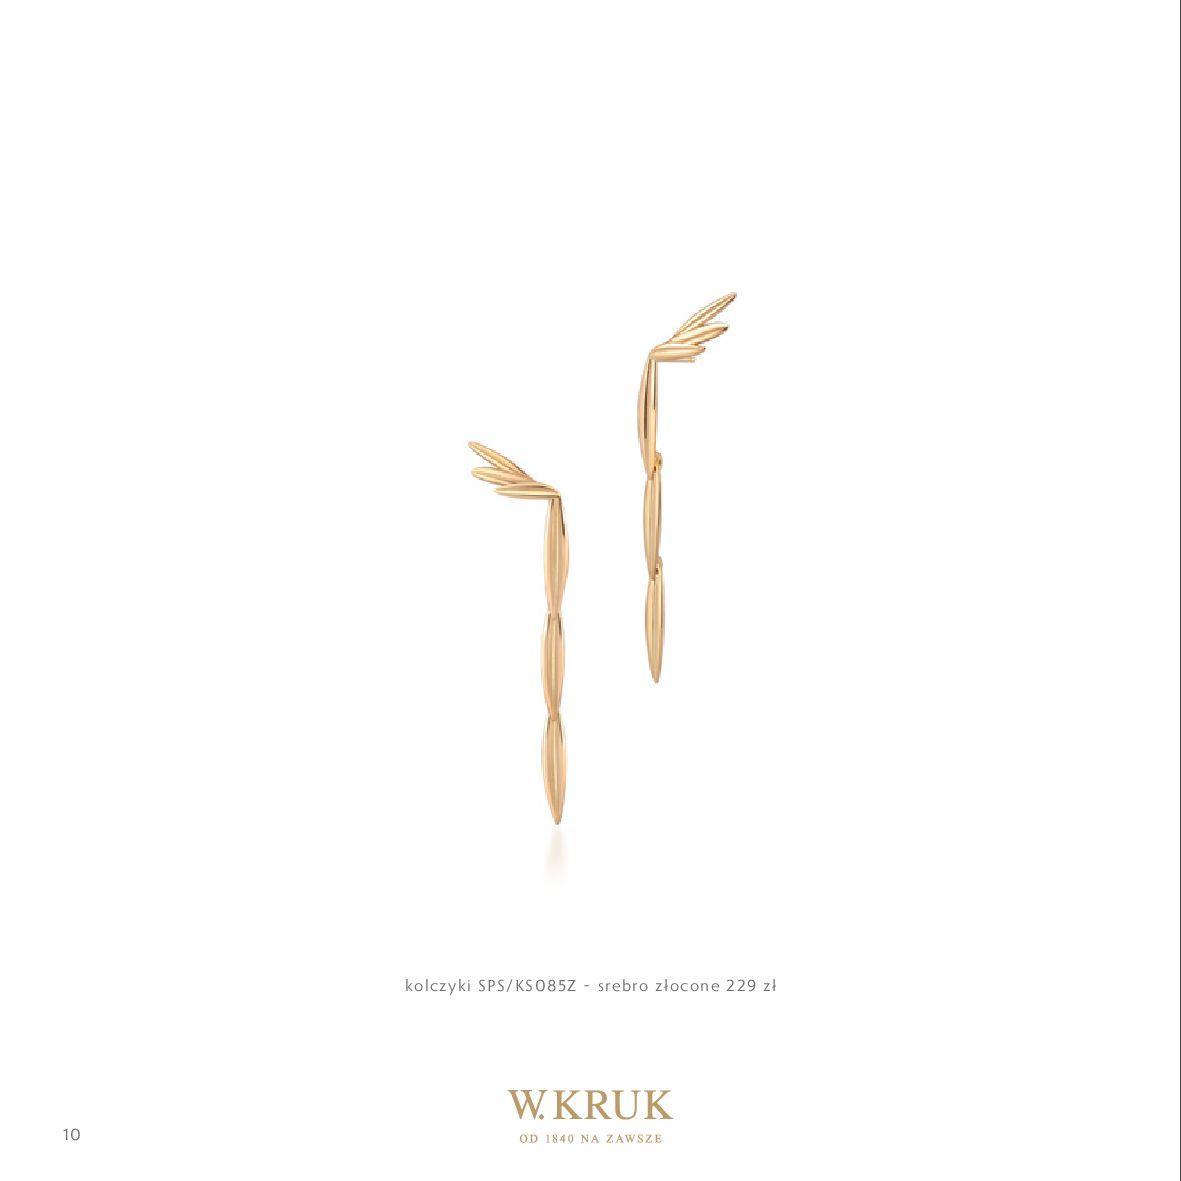 Gazetka W. KRUK: Katalog - Kolekcja Przyjaźń 2021-02-17 page-12